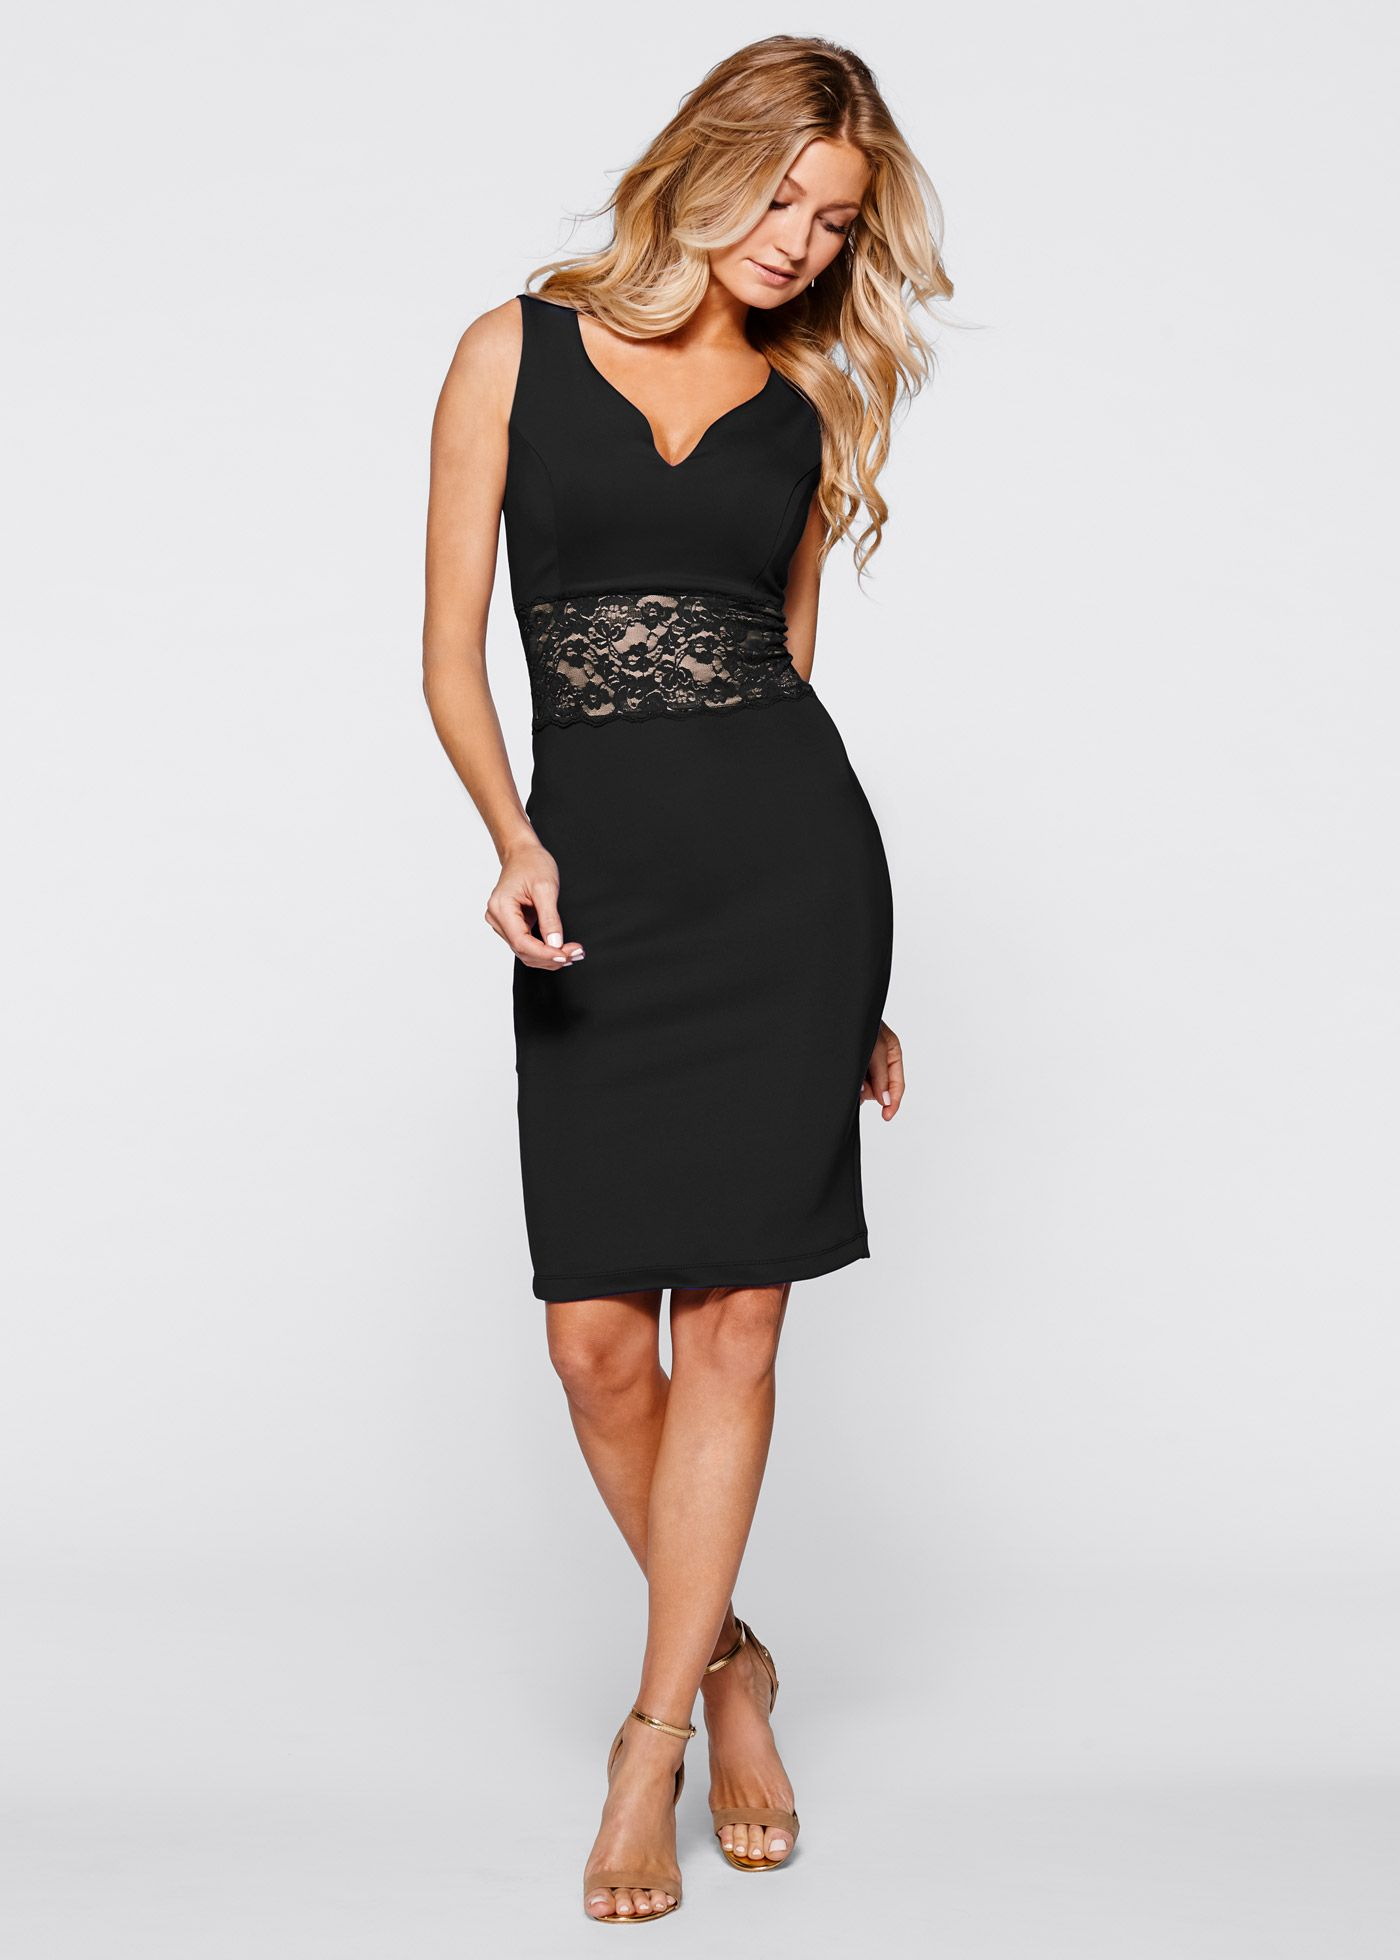 ae653e2fb24efe Jurk zwart lichtbruin - BODYFLIRT boutique nu in de onlineshop van bonprix.nl  vanaf   37.99 bestellen. Musthave voor elke kleerkast!